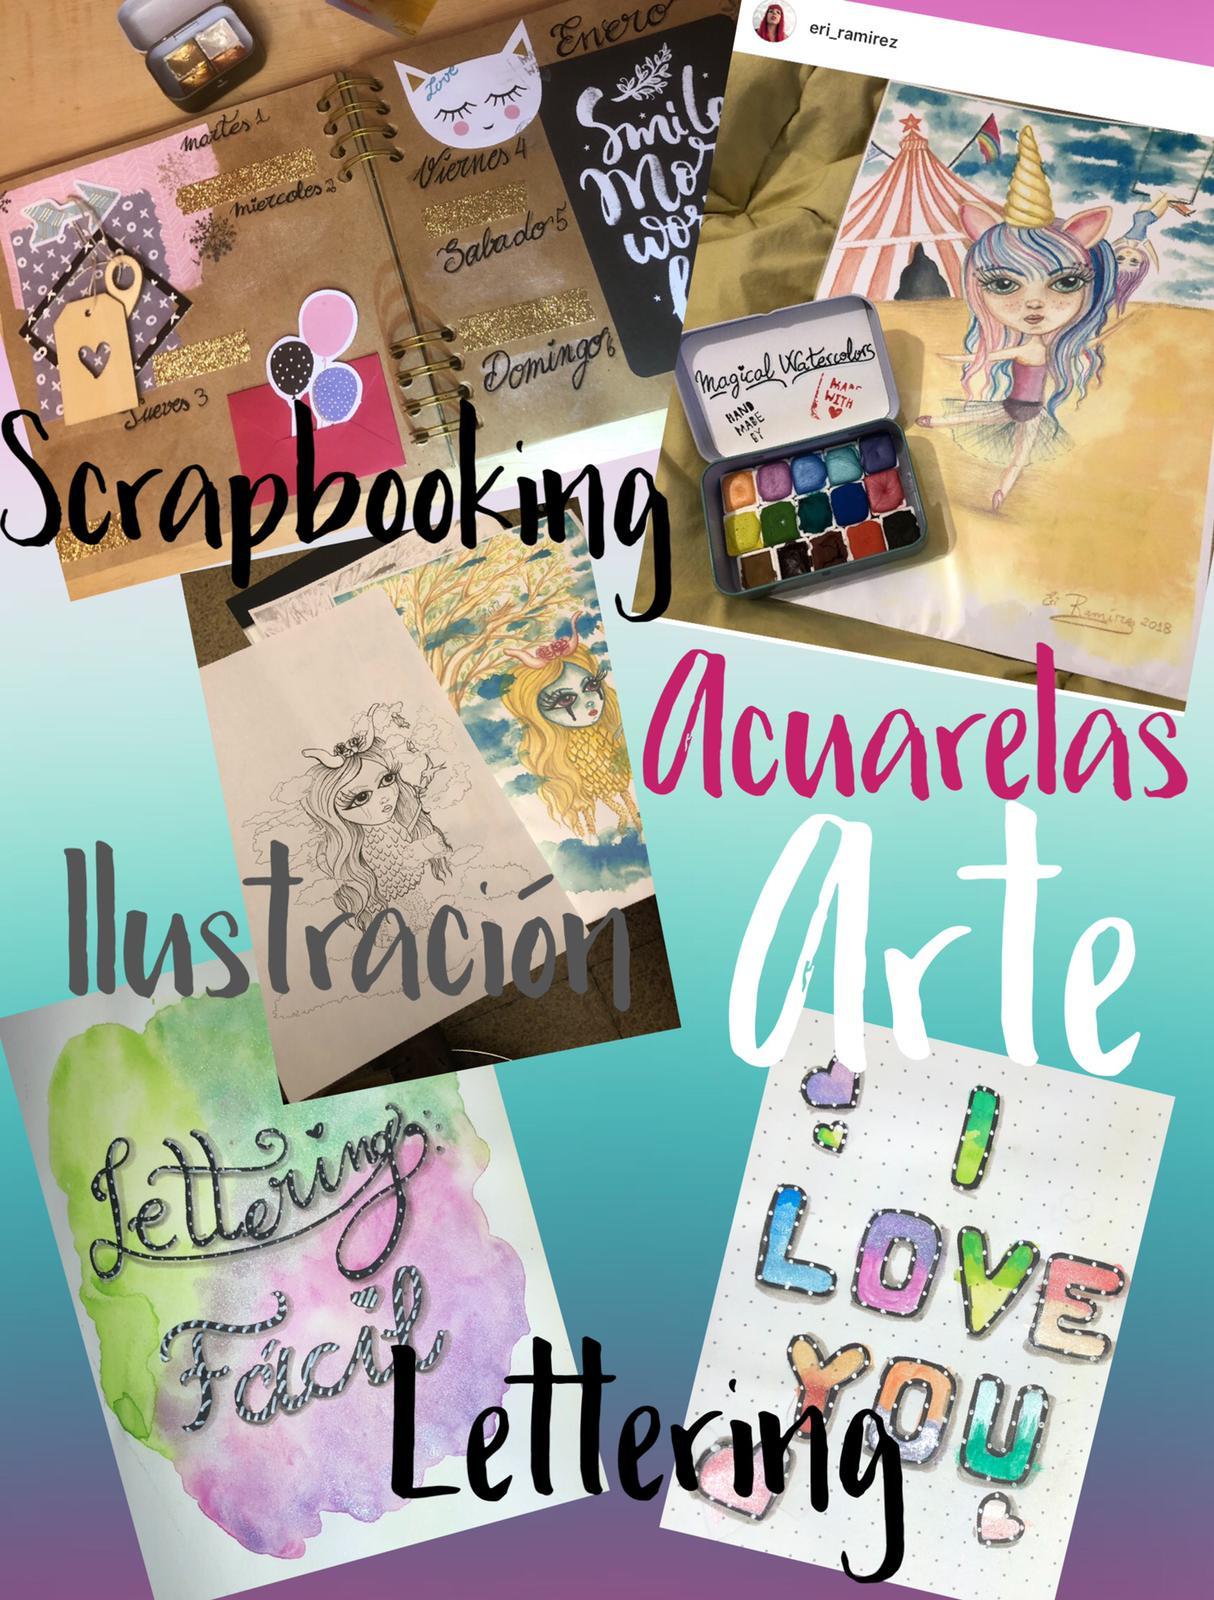 Talleres creativos de lettering y caligrafía